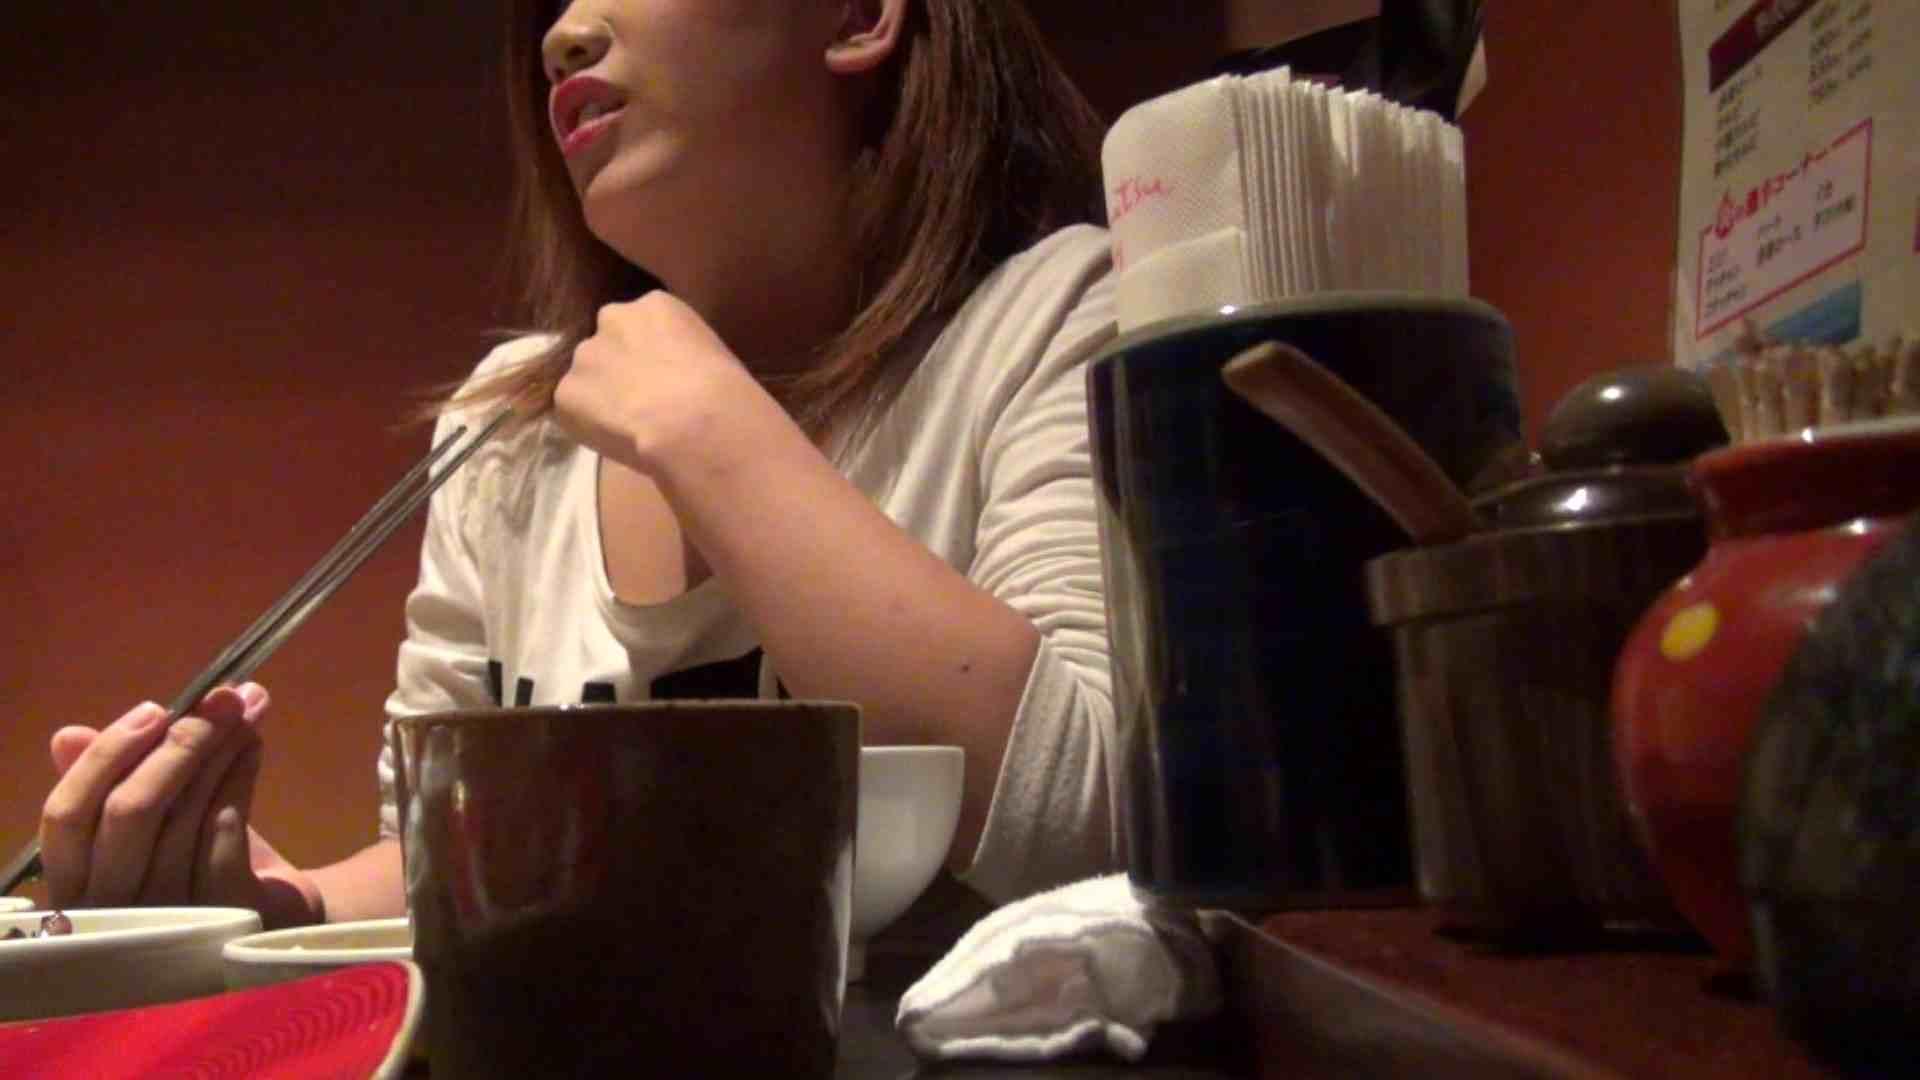 【出会い01】大助さんMちゃんと食事会 0 | 友人  53連発 31